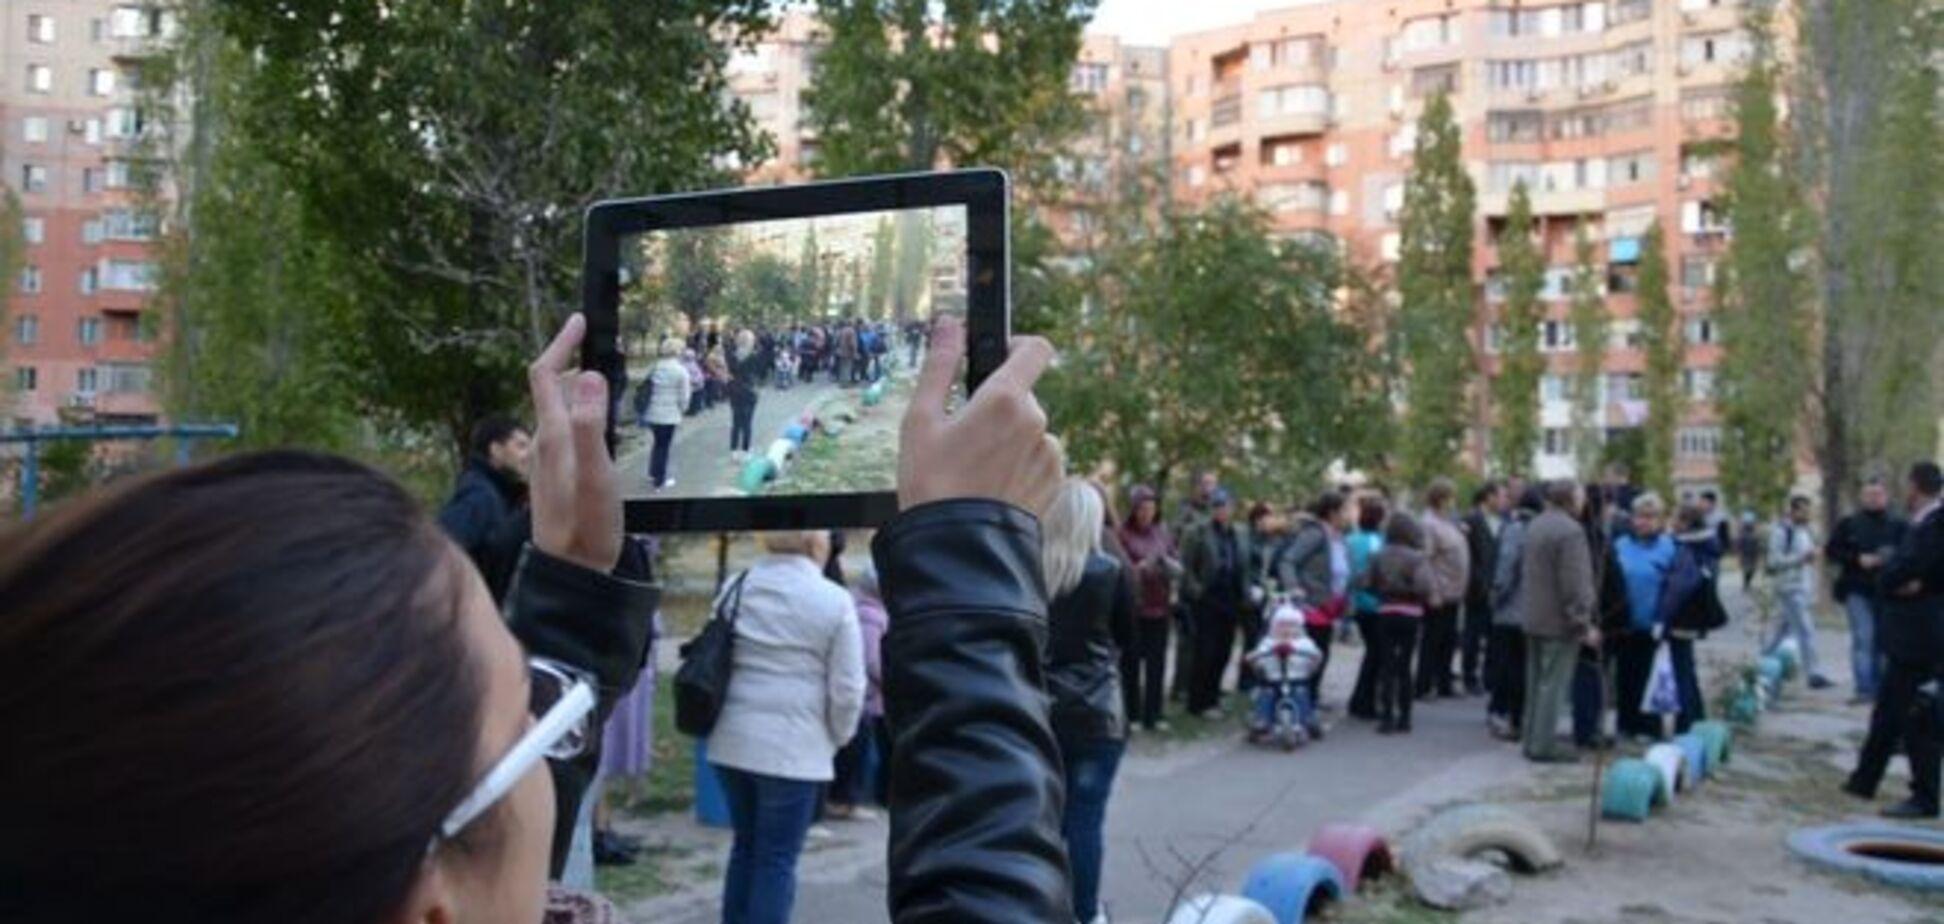 Мешканці Миколаєва підготували для Кінаха персональний сміттєвий бак